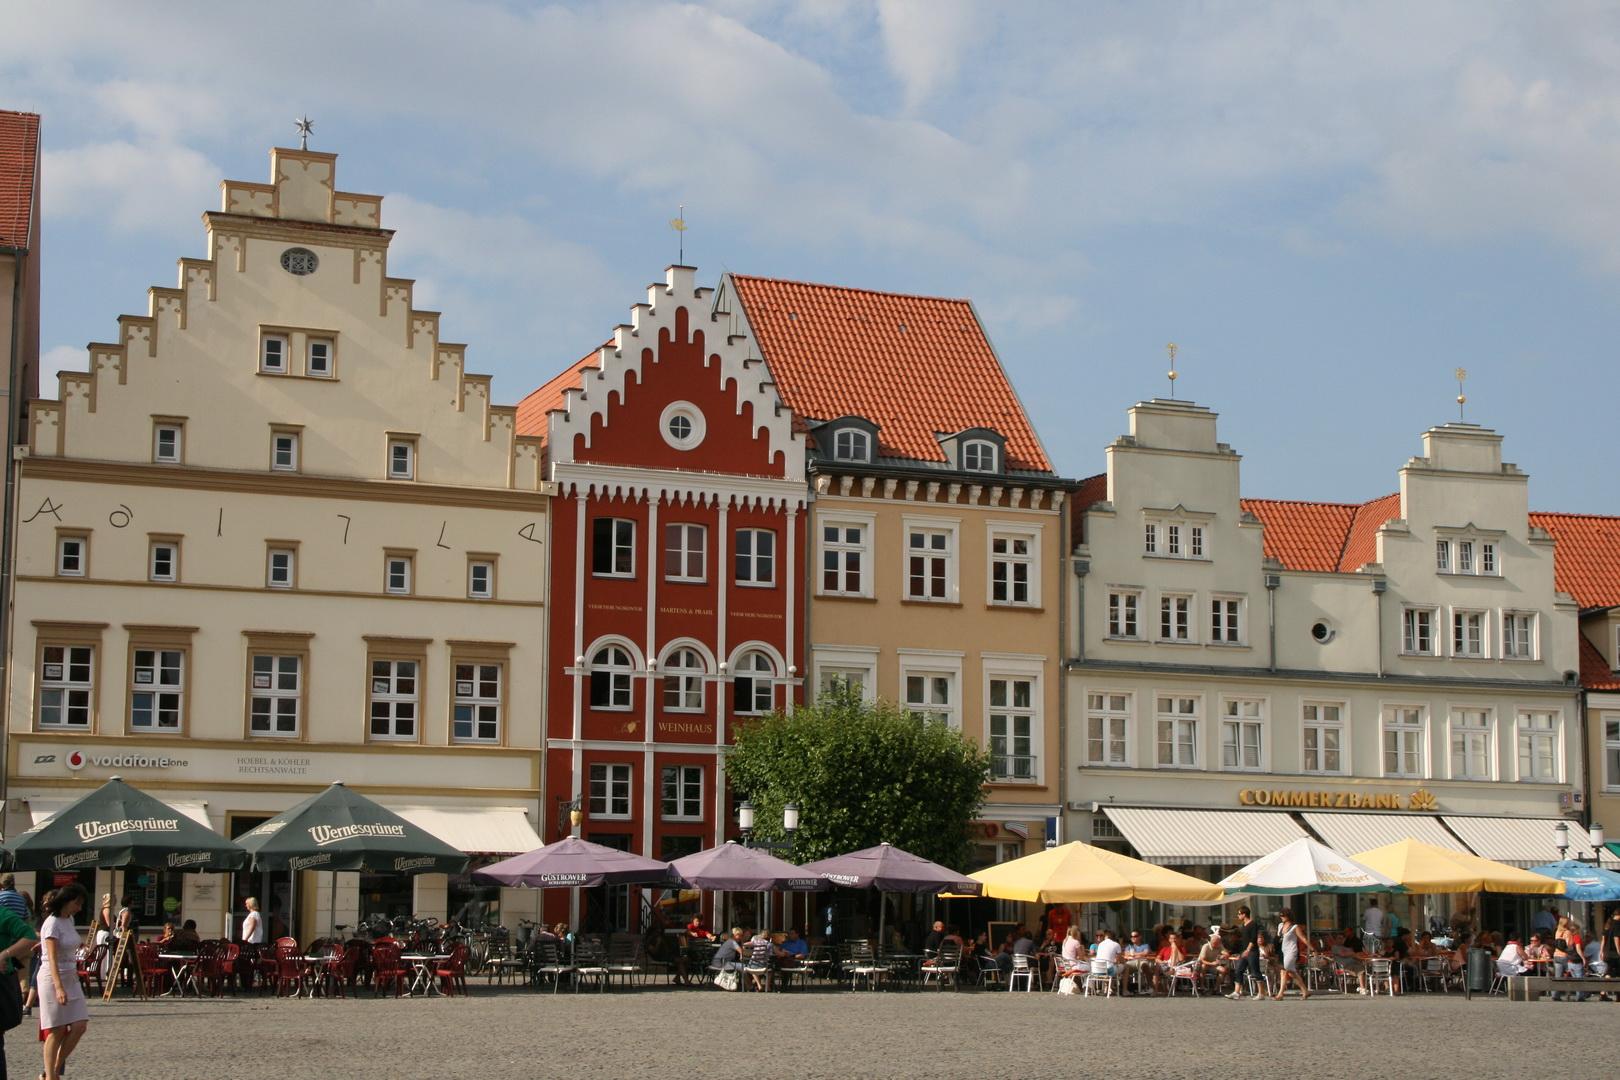 MV_Greifswald_Markt_KLIEM_16